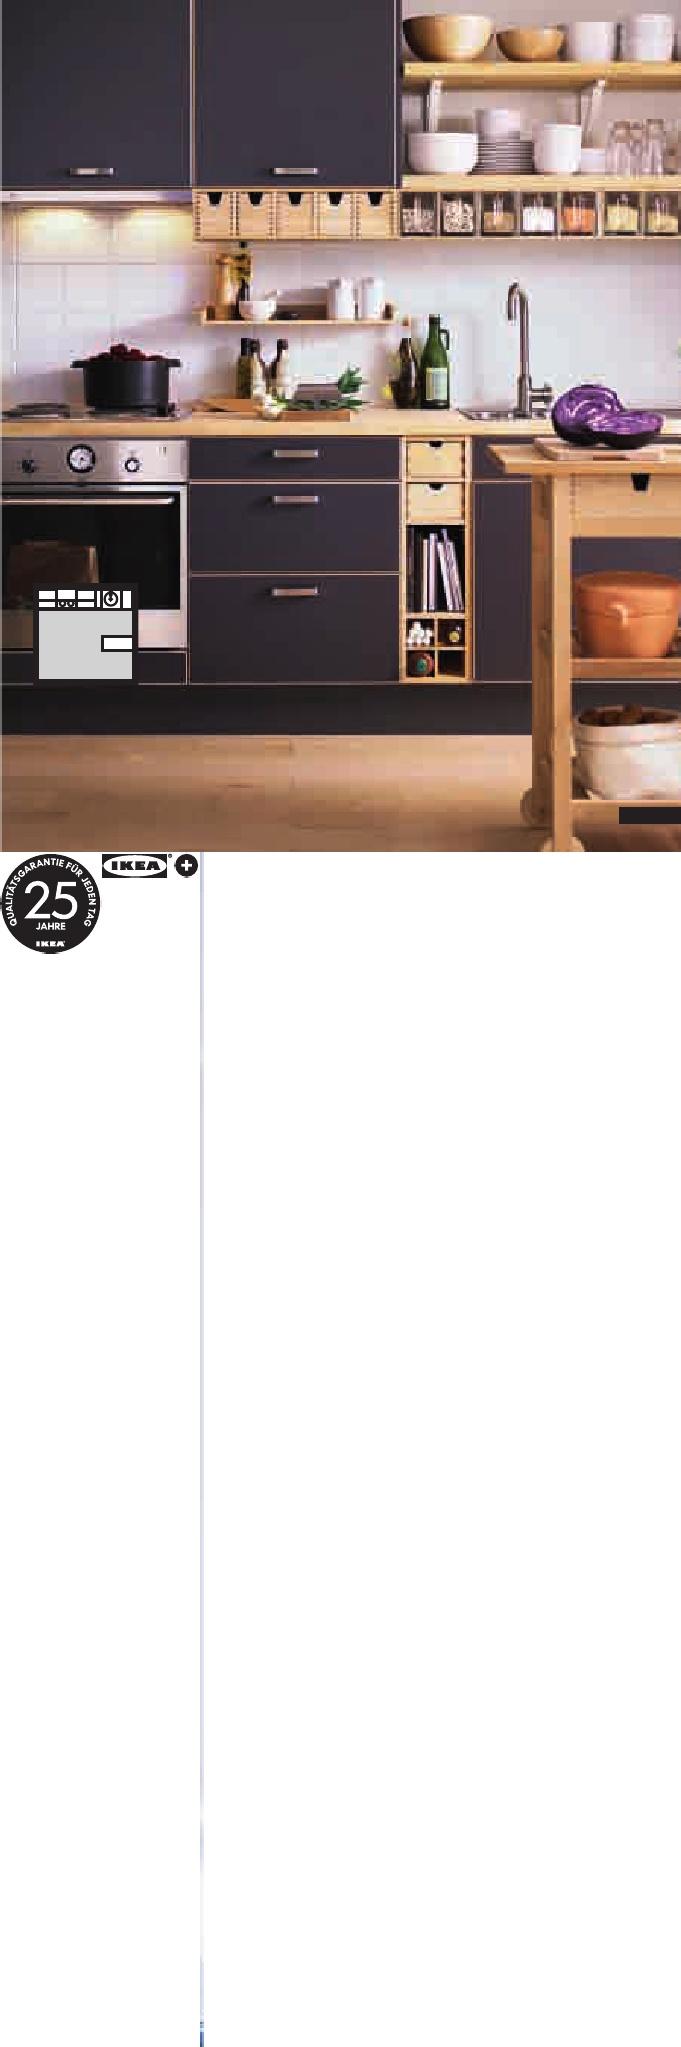 Full Size of Ikea Miniküche Sofa Mit Schlaffunktion Küche Kosten Modulküche Holz Betten 160x200 Kaufen Bei Wohnzimmer Ikea Modulküche Bravad